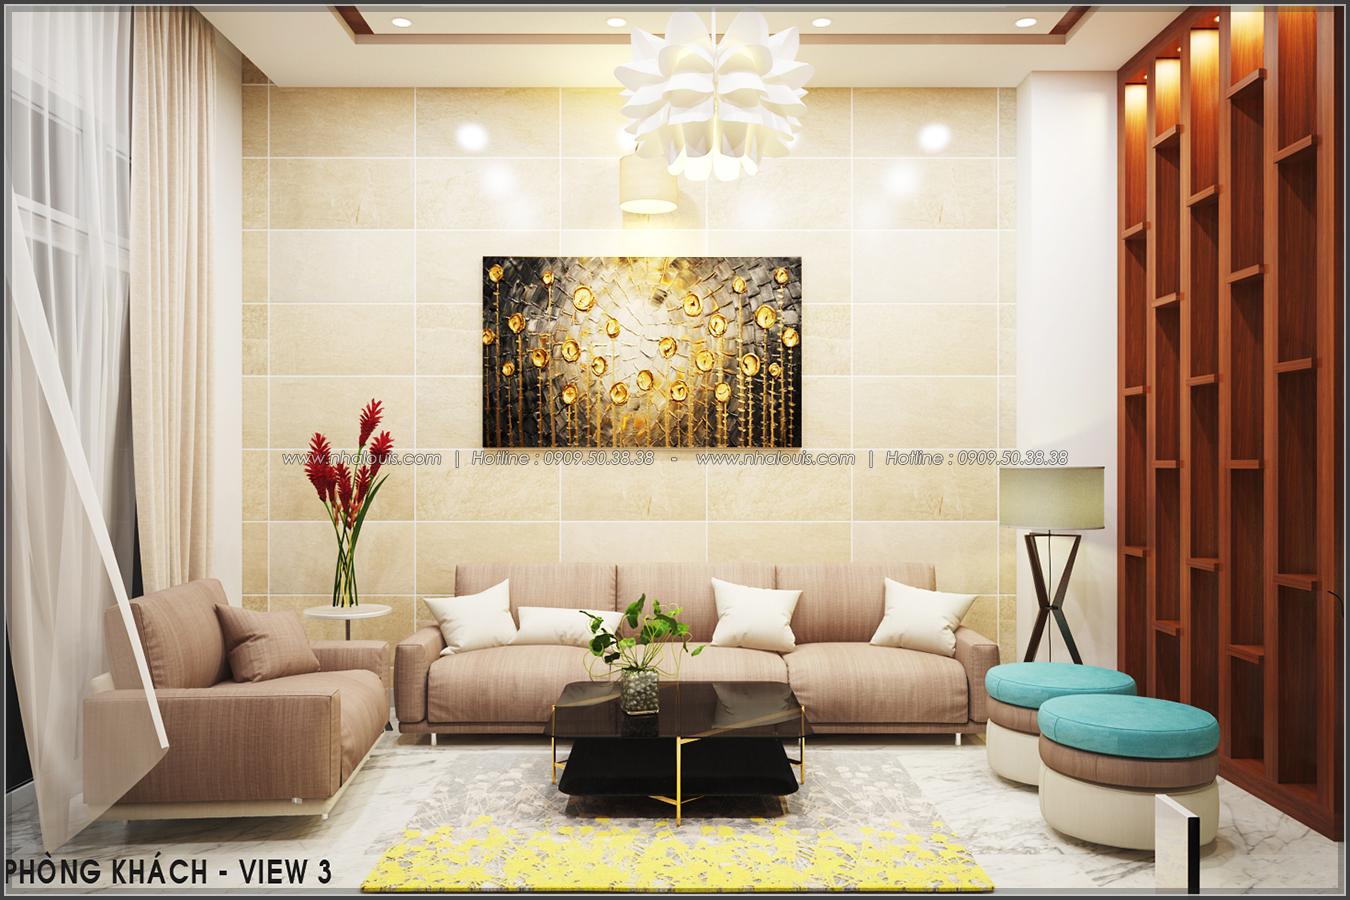 Thiết kế nội thất nhà ống đẹp tone gỗ ấm áp và sang trọng quận Tân Bình - 4